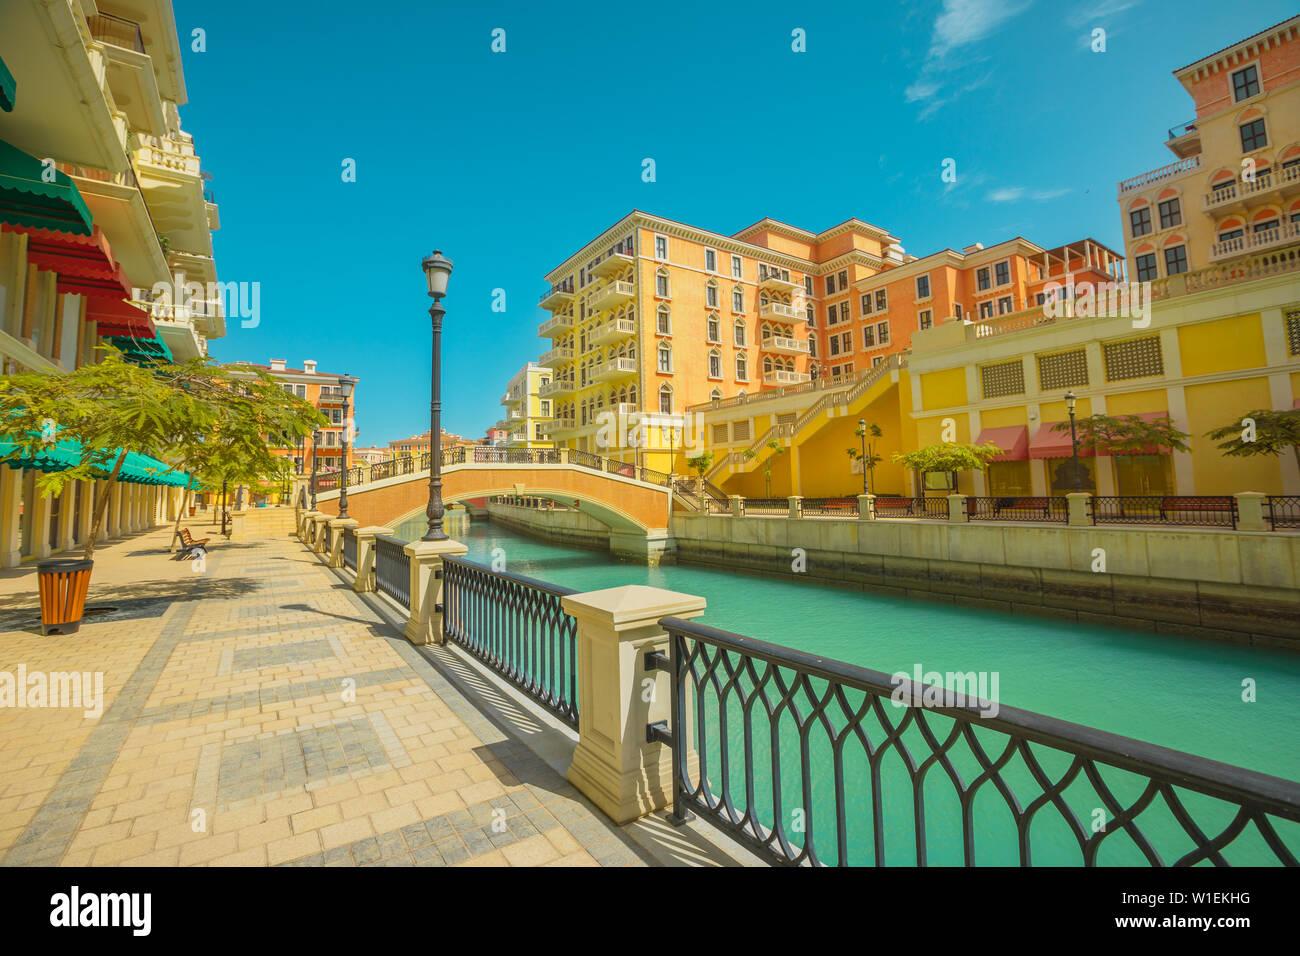 Belle petite Venise avec des canaux reliées par des ponts de style vénitien, Qanat Quartier, Venise au Pearl à sunset light, Doha, Qatar Banque D'Images